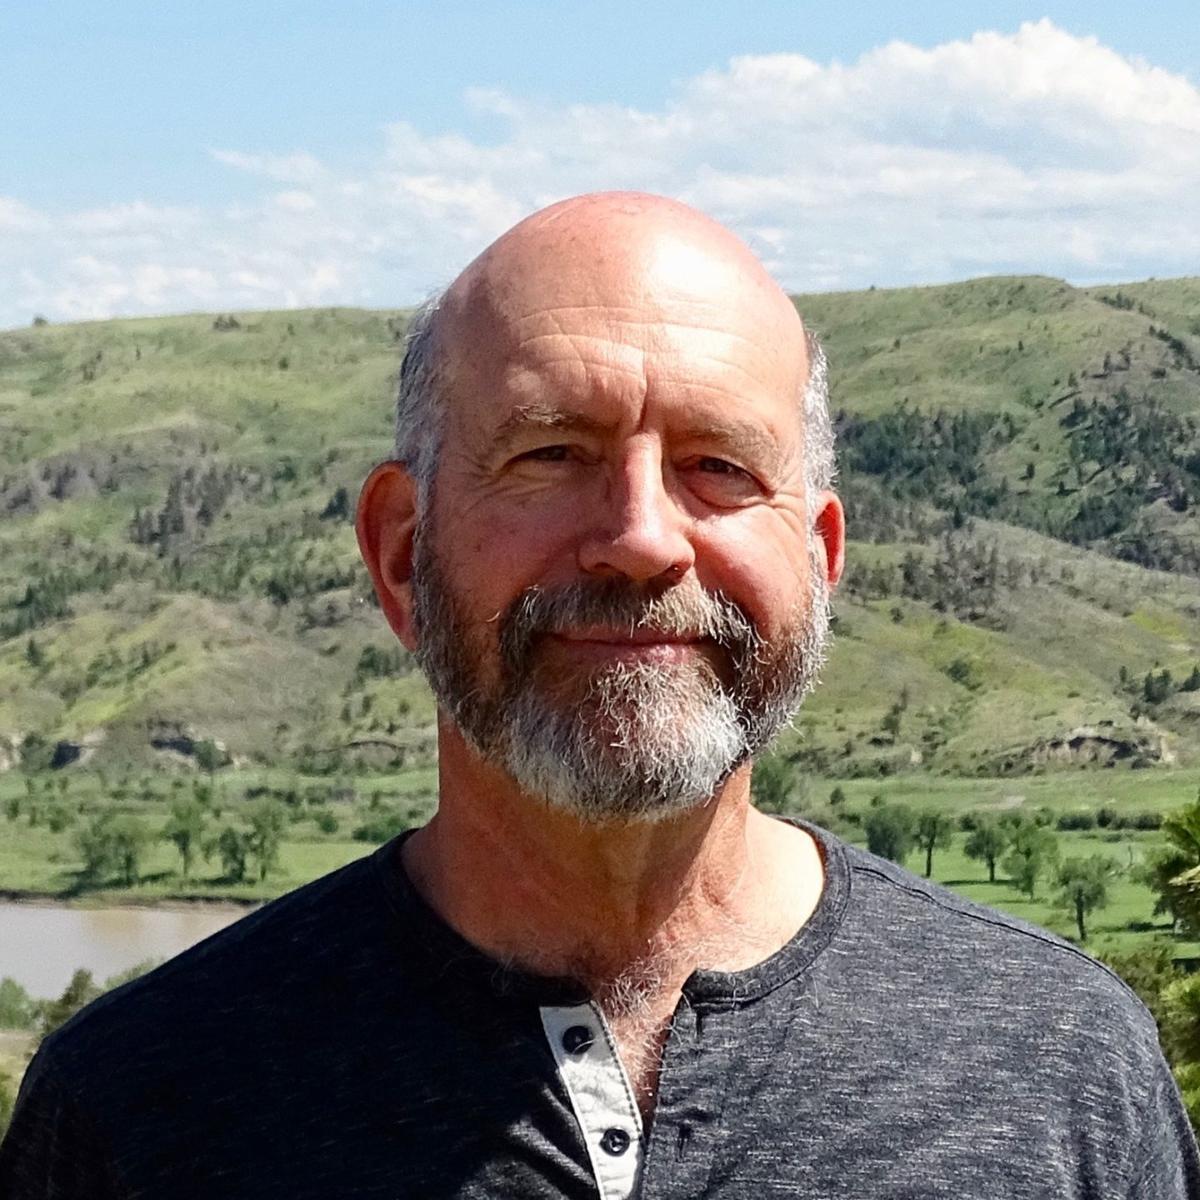 Roger Ostot, Billings